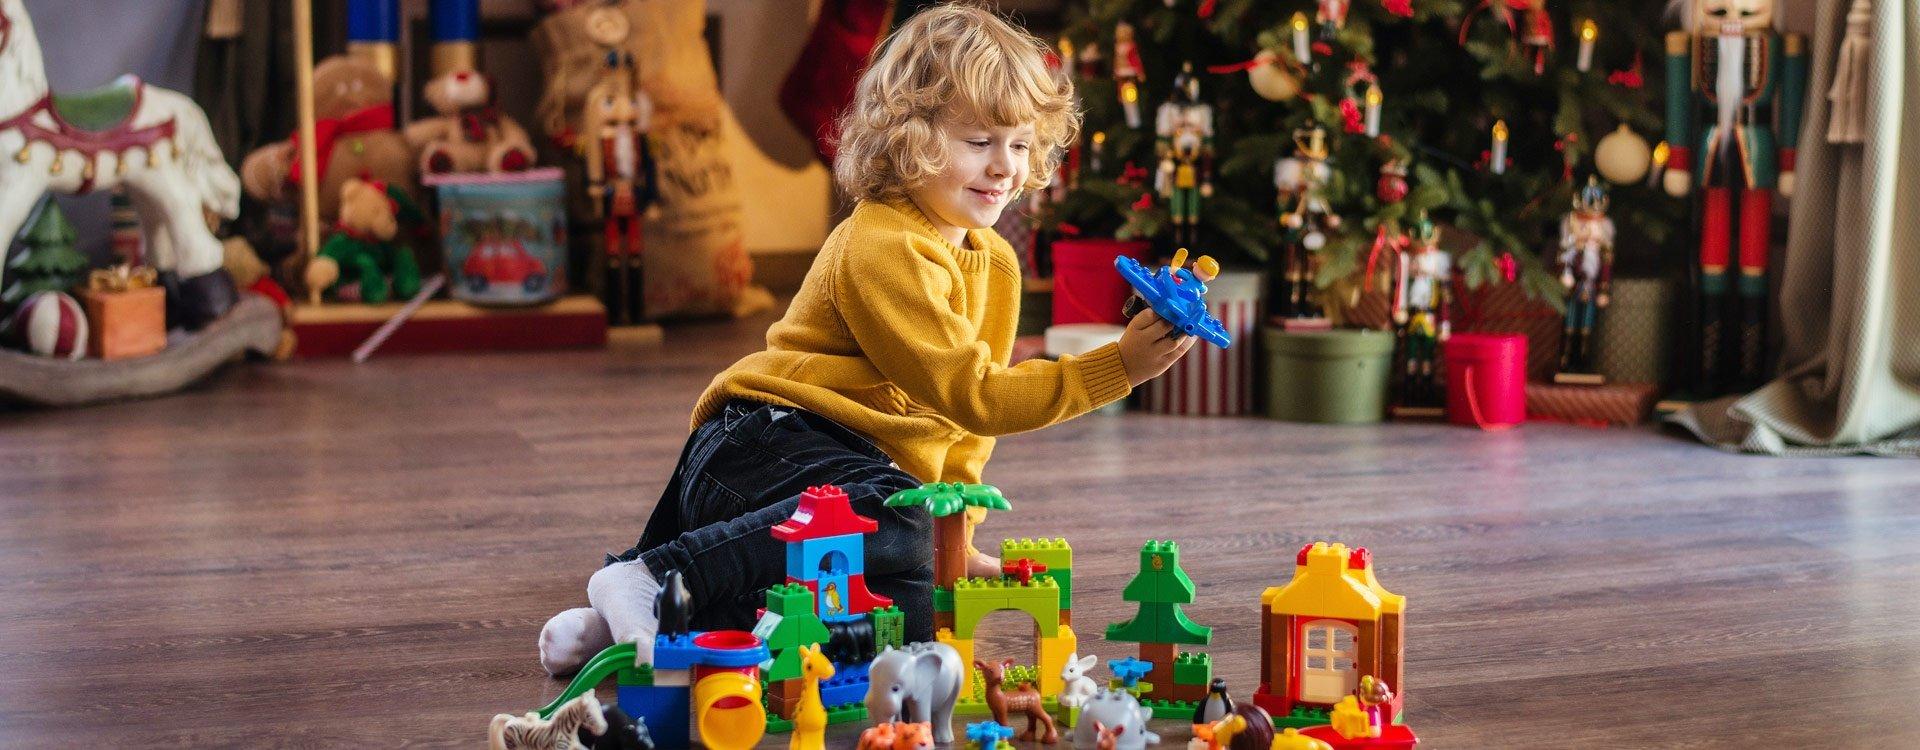 Poradnik Świętego Mikołaja – prezent idealny dla dziecka